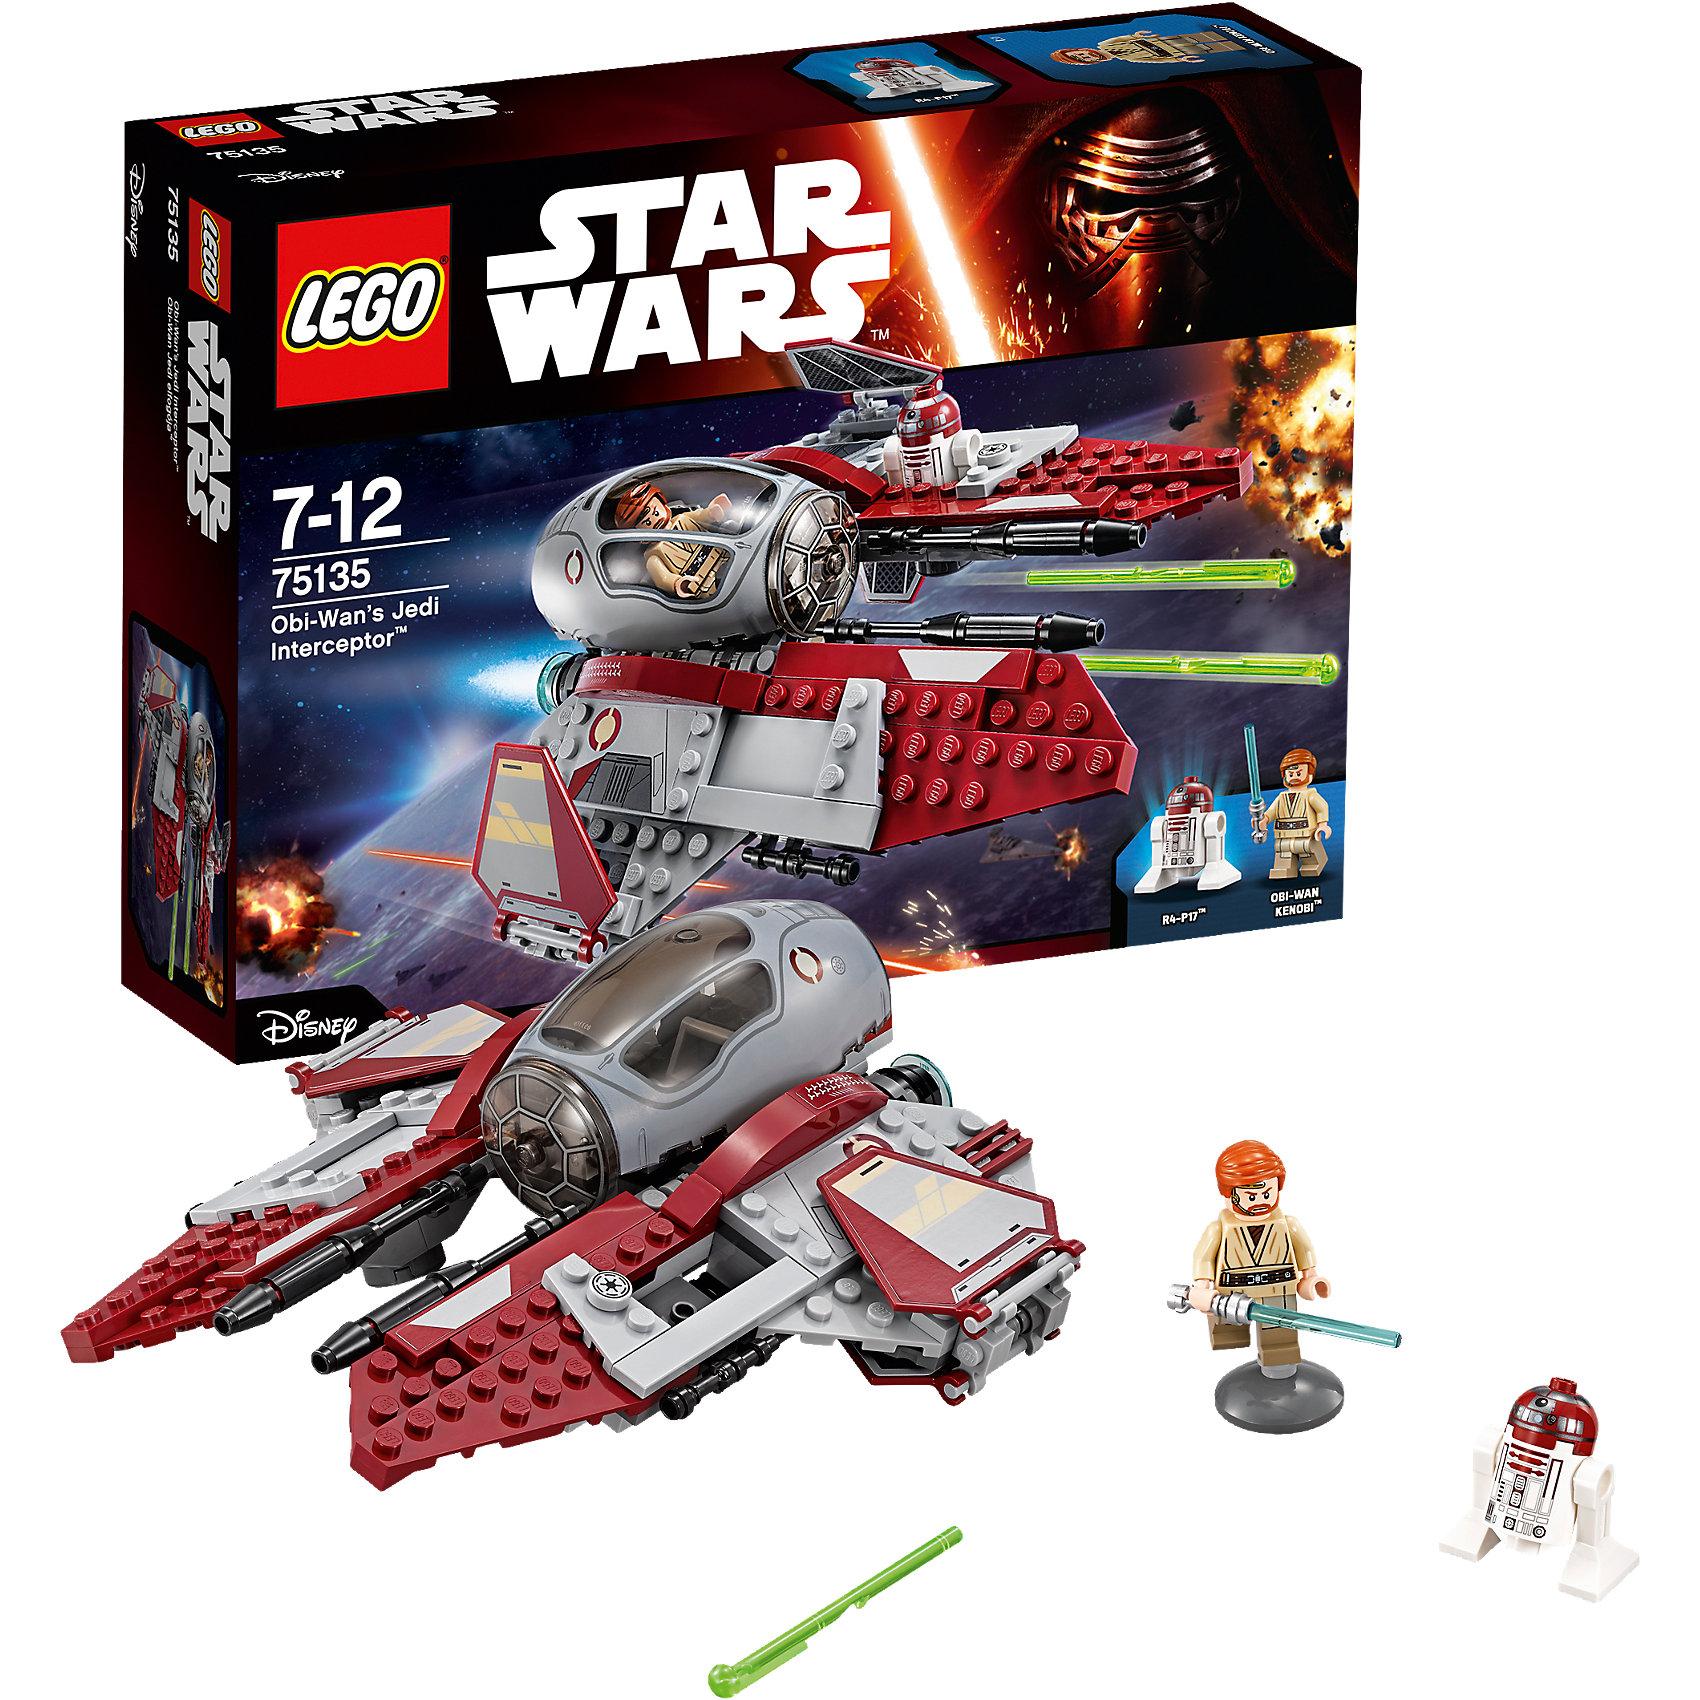 LEGO Star Wars 75135: Перехватчик джедаев Оби-Вана Кеноби™LEGO Star Wars (ЛЕГО Звездные войны) 75135: Перехватчик джедаев Оби-Вана Кеноби станет прекрасным подарком для всех поклонников знаменитой киносаги. В наборе Вы найдете детали для сборки уникального звездолета из нового фильма Звездные Войны. Пробуждение Силы. Перехватчик джедаев - небольшой, легкий и очень маневренный корабль типа звездолетов Эта-2, которые использовались силами Республики в конце Войн Клонов. Корпус перехватчика выполнен из серых и бордовых деталей. Кабина с прозрачным пластиковым стеклом оснащена креслом пилота и приборной панелью. На крыльях корабля расположены панели стабилизаторов, которые разворачиваются при полете. Мощное оружие перехватчика представляет из себя две ионные пушки и большие лазерные орудия с функцией стрельбы. В комплект также входят две минифигурки пилотов - Оби-Ван Кеноби и дроид R4-P17.<br> <br>Все конструкторы серии ЛЕГО Звездные войны созданы по мотивам знаменитой киносаги Звездные войны и воспроизводят самые популярные сюжеты и эпизоды фильма. В наборах представлены все основные средства вооружения и боевые единицы, задействованные в фильме.<br>Фантастические истребители, машины, роботы, оружие, фигурки персонажей выполнены очень реалистично, с высокой степенью детализации.<br><br>Дополнительная информация:<br><br>- Игра с конструктором LEGO (ЛЕГО) развивает мелкую моторику ребенка, фантазию и воображение, учит его усидчивости и внимательности.<br>- Количество деталей: 215.<br>- Количество минифигур: 2.<br>- Серия: LEGO Star Wars (ЛЕГО Звездные войны).<br>- Материал: пластик.<br>- Размер упаковки: 26,5 х 6 х 19 см.<br>- Вес: 0,33 кг.<br><br>Конструктор LEGO Star Wars (ЛЕГО Звездные войны) 75135: Перехватчик джедаев Оби-Вана Кеноби можно купить в нашем интернет-магазине.<br><br>Ширина мм: 265<br>Глубина мм: 193<br>Высота мм: 66<br>Вес г: 348<br>Возраст от месяцев: 84<br>Возраст до месяцев: 144<br>Пол: Мужской<br>Возраст: Детский<br>SKU: 4259055